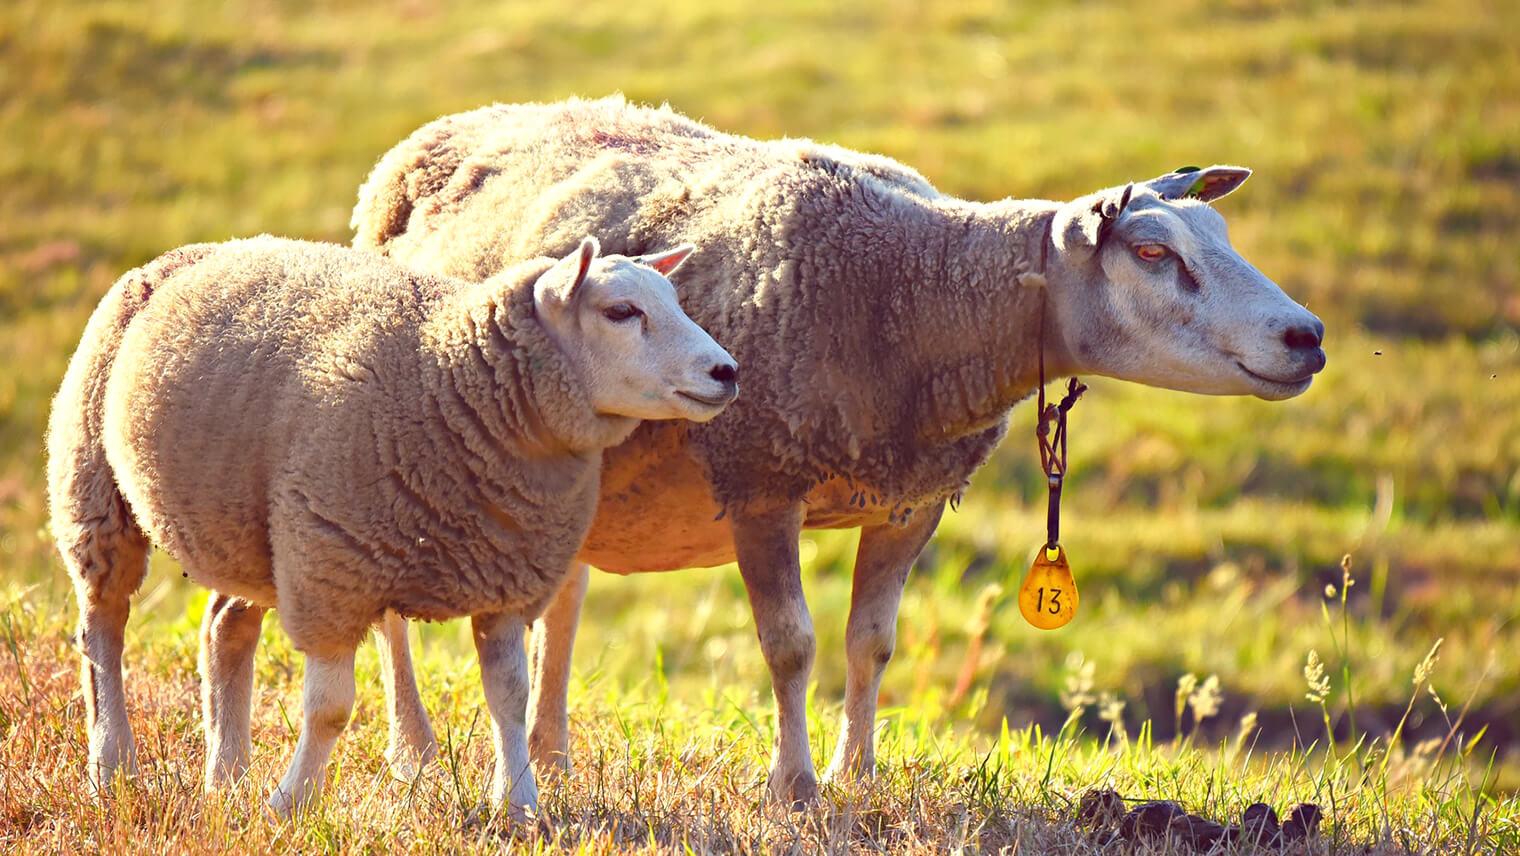 羊が2匹仲良く並んだ画像